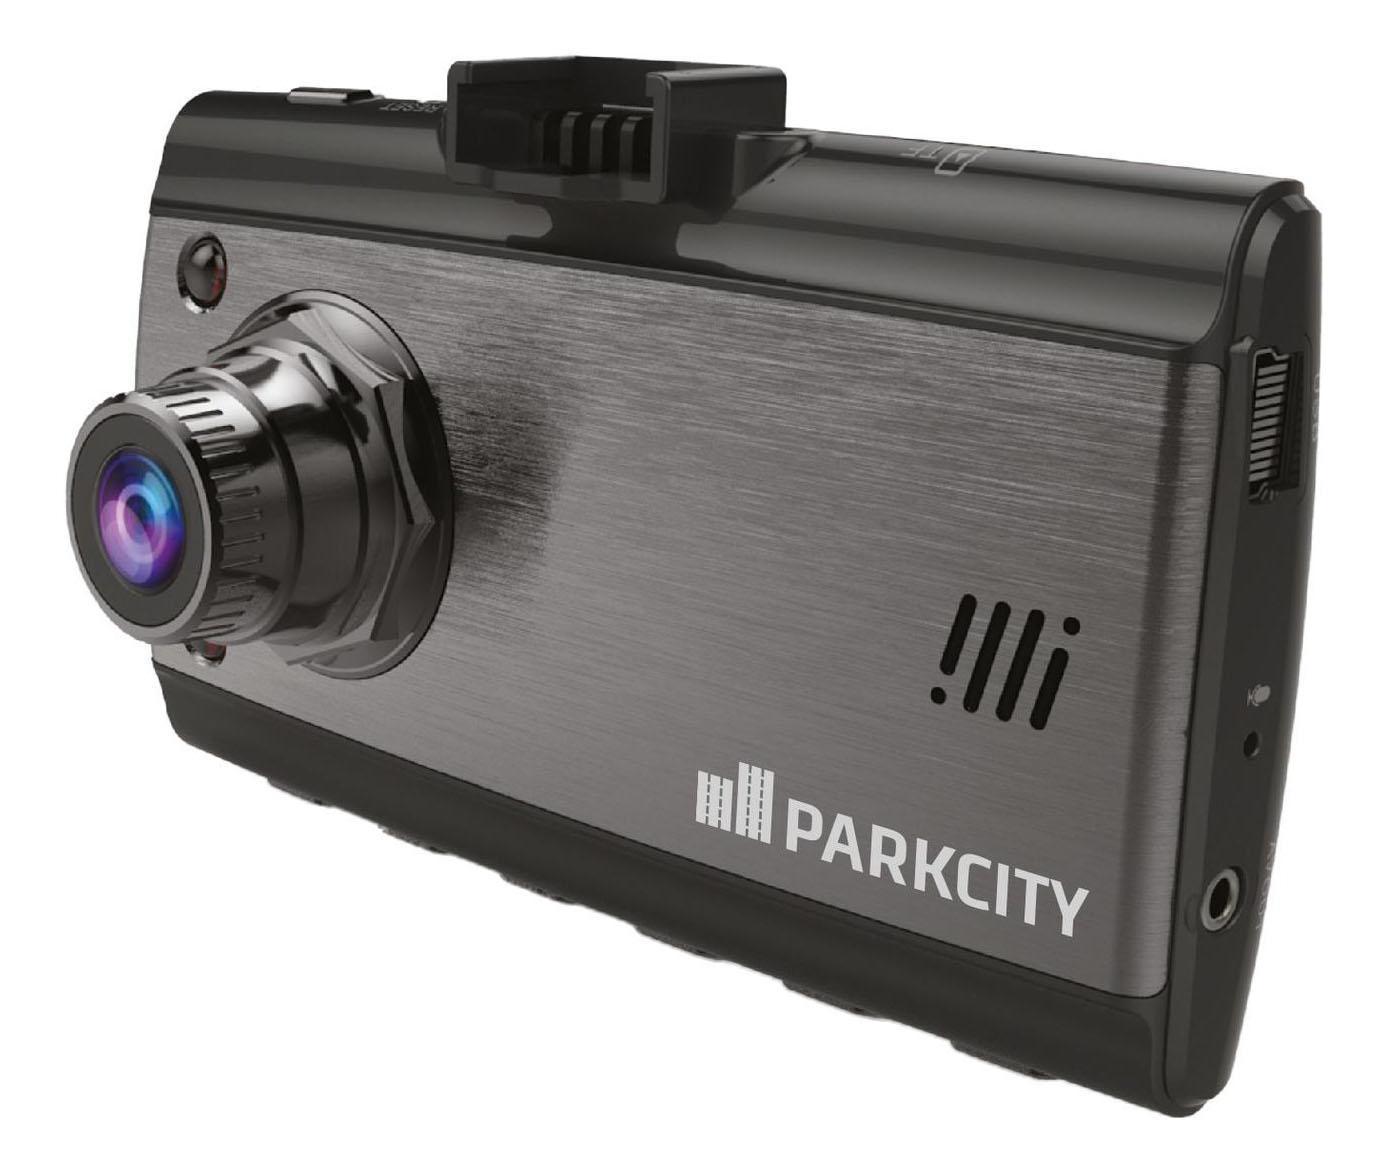 ParkCity DVR HD 750, Black видеорегистратор00000008420Новая модель автомобильного видеорегистратора предназначена для самых требовательных водителей с активной жизненной позицией, не желающих никаких компромиссов. Он позволяет снимать видео с частотой 60 кадров в секунду при максимальном разрешении Full HD (1920х1080). А это значит, что ни одна важная деталь не скроется от взгляда его сверхширокоугольного объектива, даже если съемка производится на большой скорости Но это не максимальное разрешение видеорегистратора: в стандартной скорости записи 30 кадров в секунду он может осуществлять видеосъемку с разрешением 2304х1296 пикселей, то есть - SUPER HD! В основе автомобильного видеорегистратора PARKCITY DVR HD 750 – мощнейший графический чип Ambarella седьмого поколения и высококлассная 4-мегапиксельная матрица. Объектив регистратора мы не зря назвали сверхширокоугольным – его угол обзора составляет 175 градусов. Видеорегистратор позволяет вести качественную видеосъемку даже в условиях низкой освещенности. Большой...